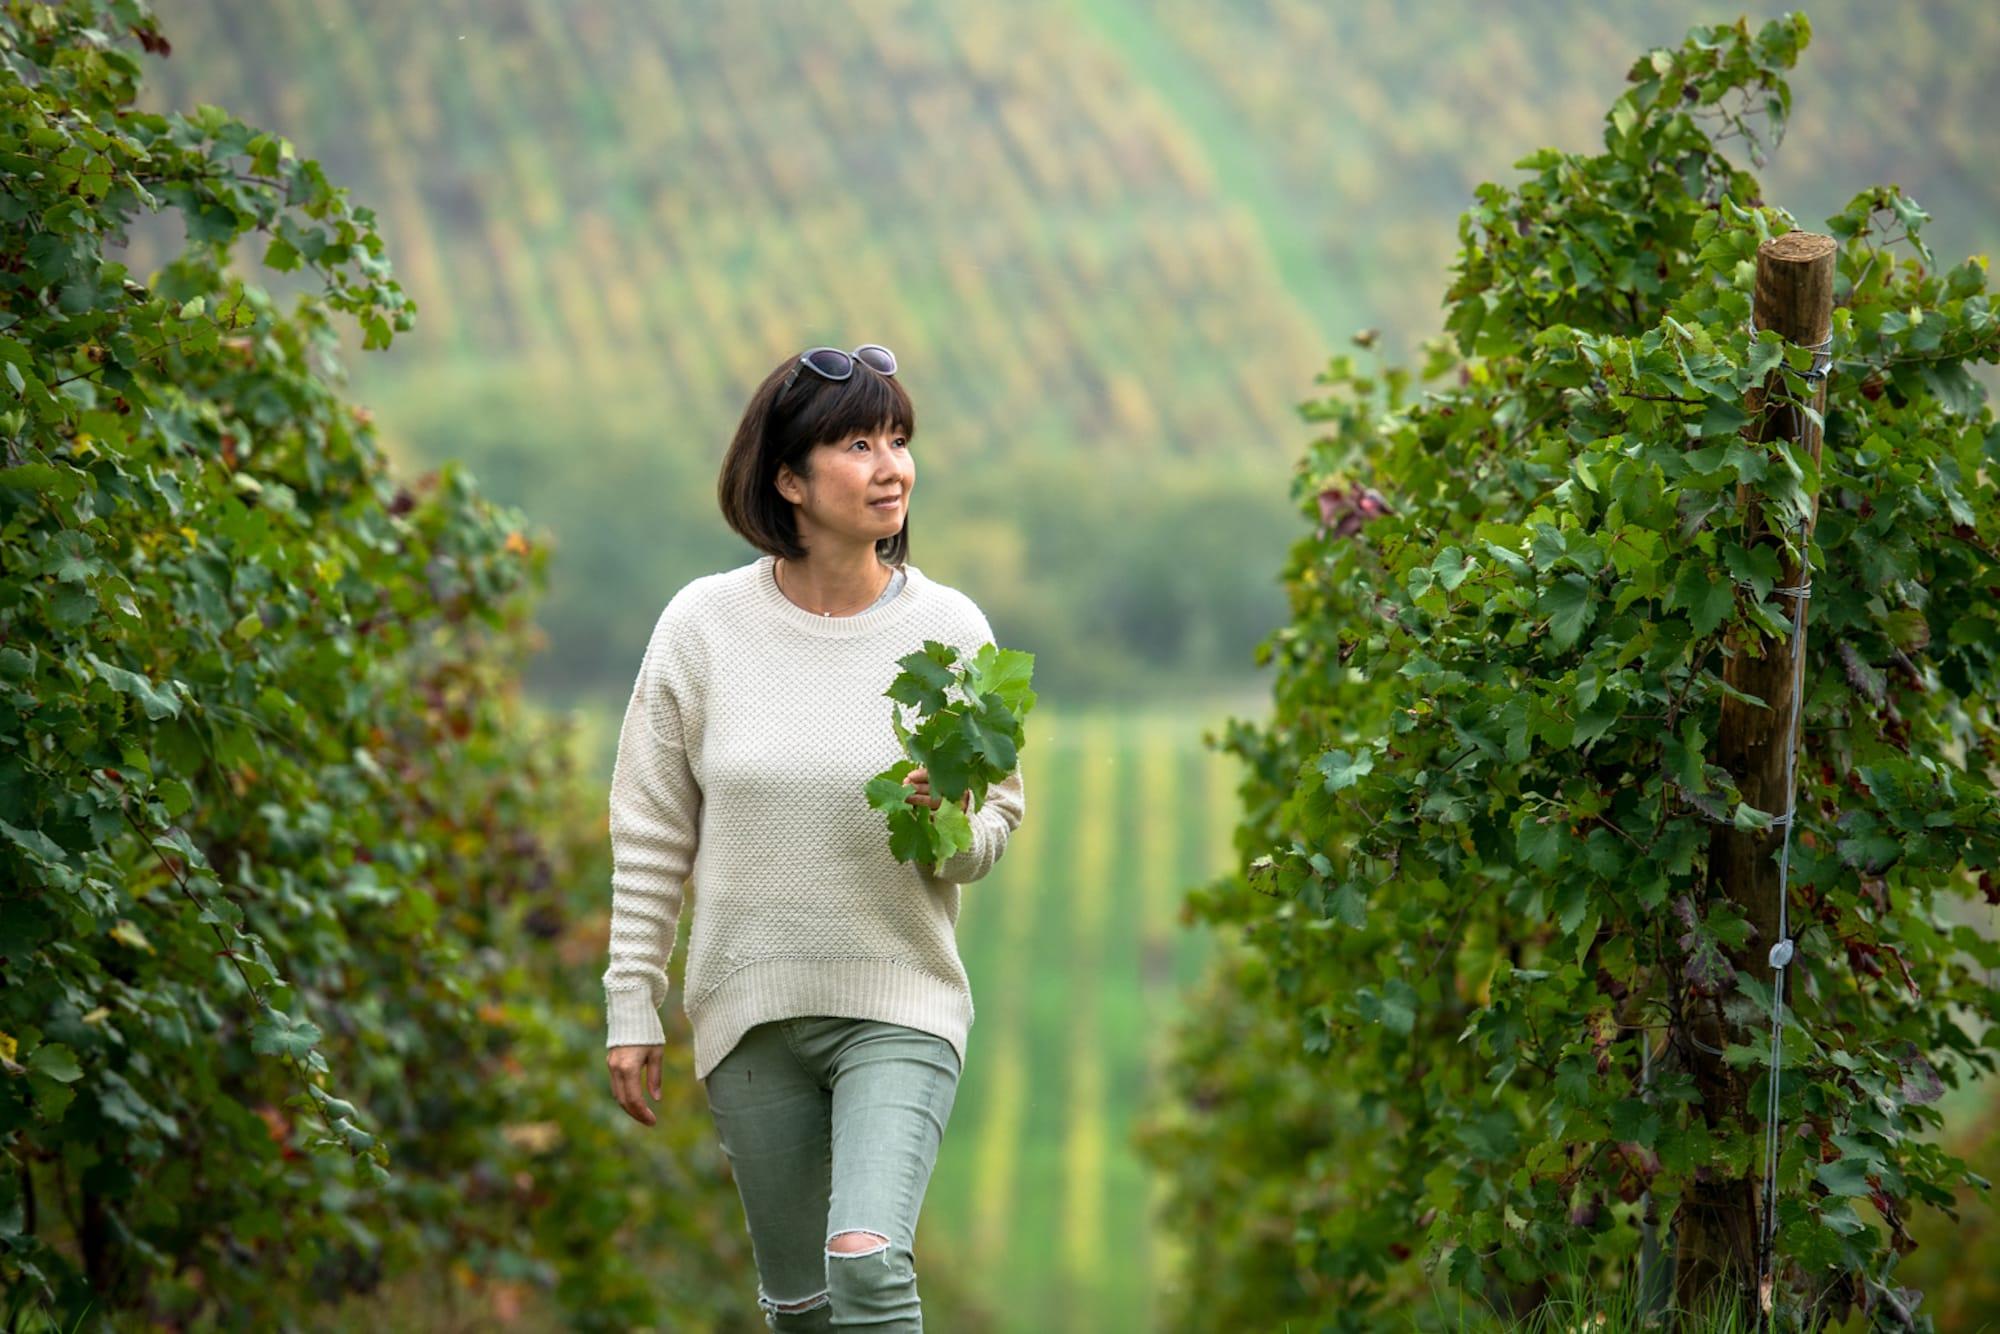 「カステッロ・ディ・ルッツァーノ」のエステート内のブドウ畑を歩く槙島あつ子。 もう一つの拠点マレーシアでは経営者の顔を持つが、一年の大半をこのイタリアのワイン畑で仕事をする。